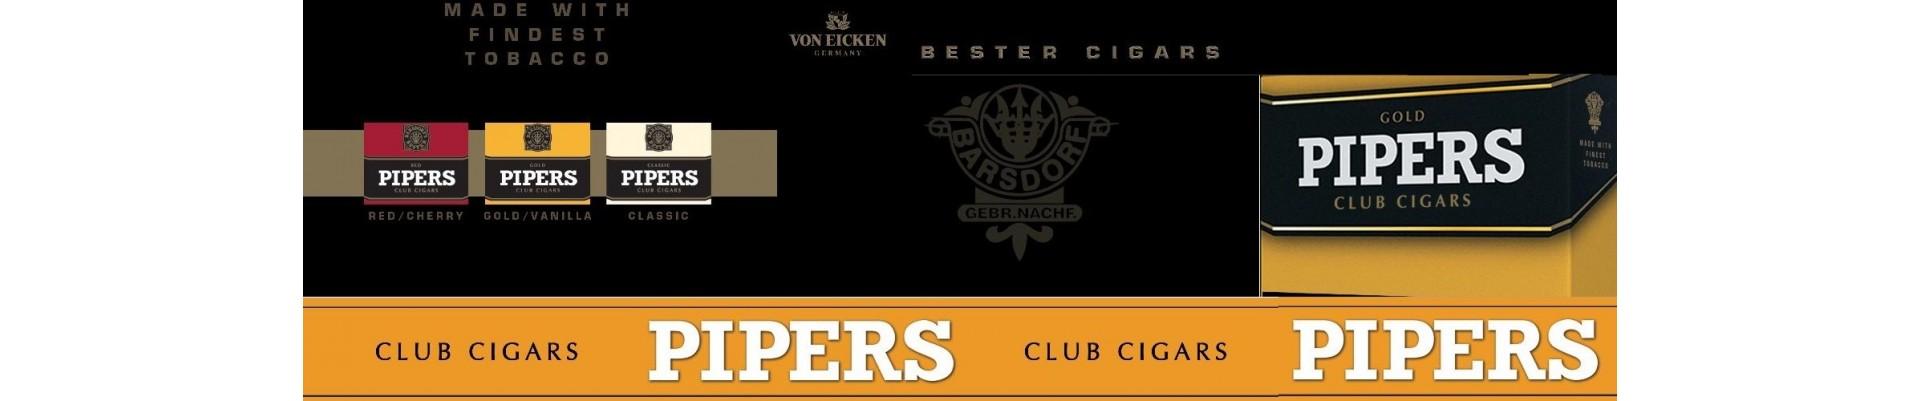 Magazin cu tigari de foi Pipers de vanzare.Tigari de foi cu arome Pipers la cele mai bune preturi.Cumpar tigari de foi Pipers Club cu livrare din stoc.